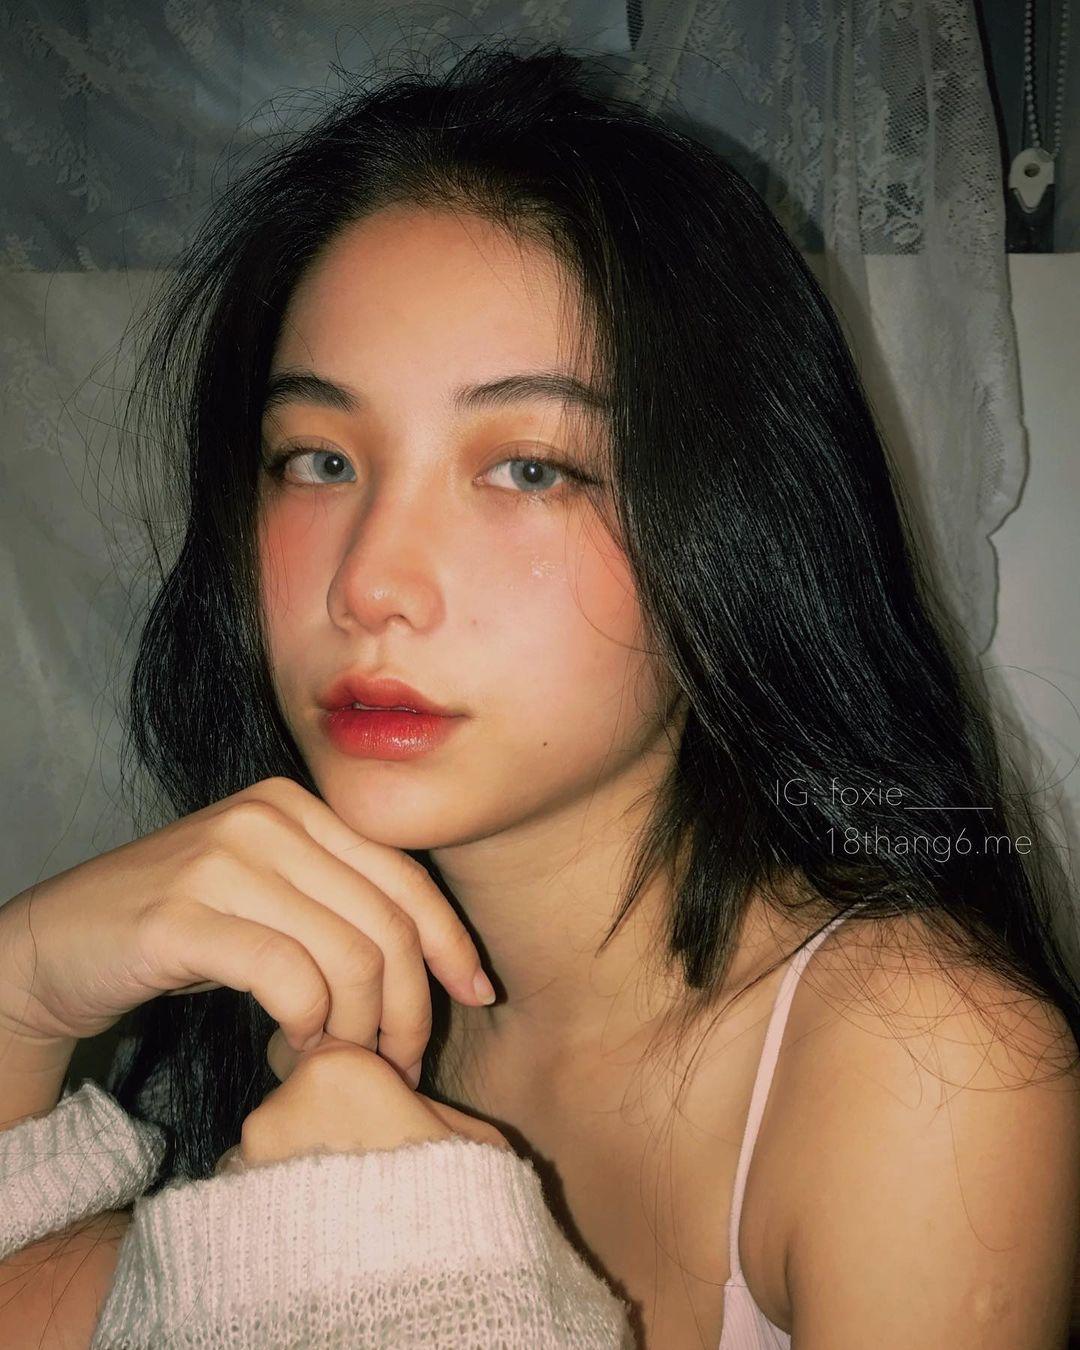 天菜越南妹「Kim Anh」迷蒙眼神仿佛随时在放电空灵气质更是无比疗愈人心 养眼图片 第12张